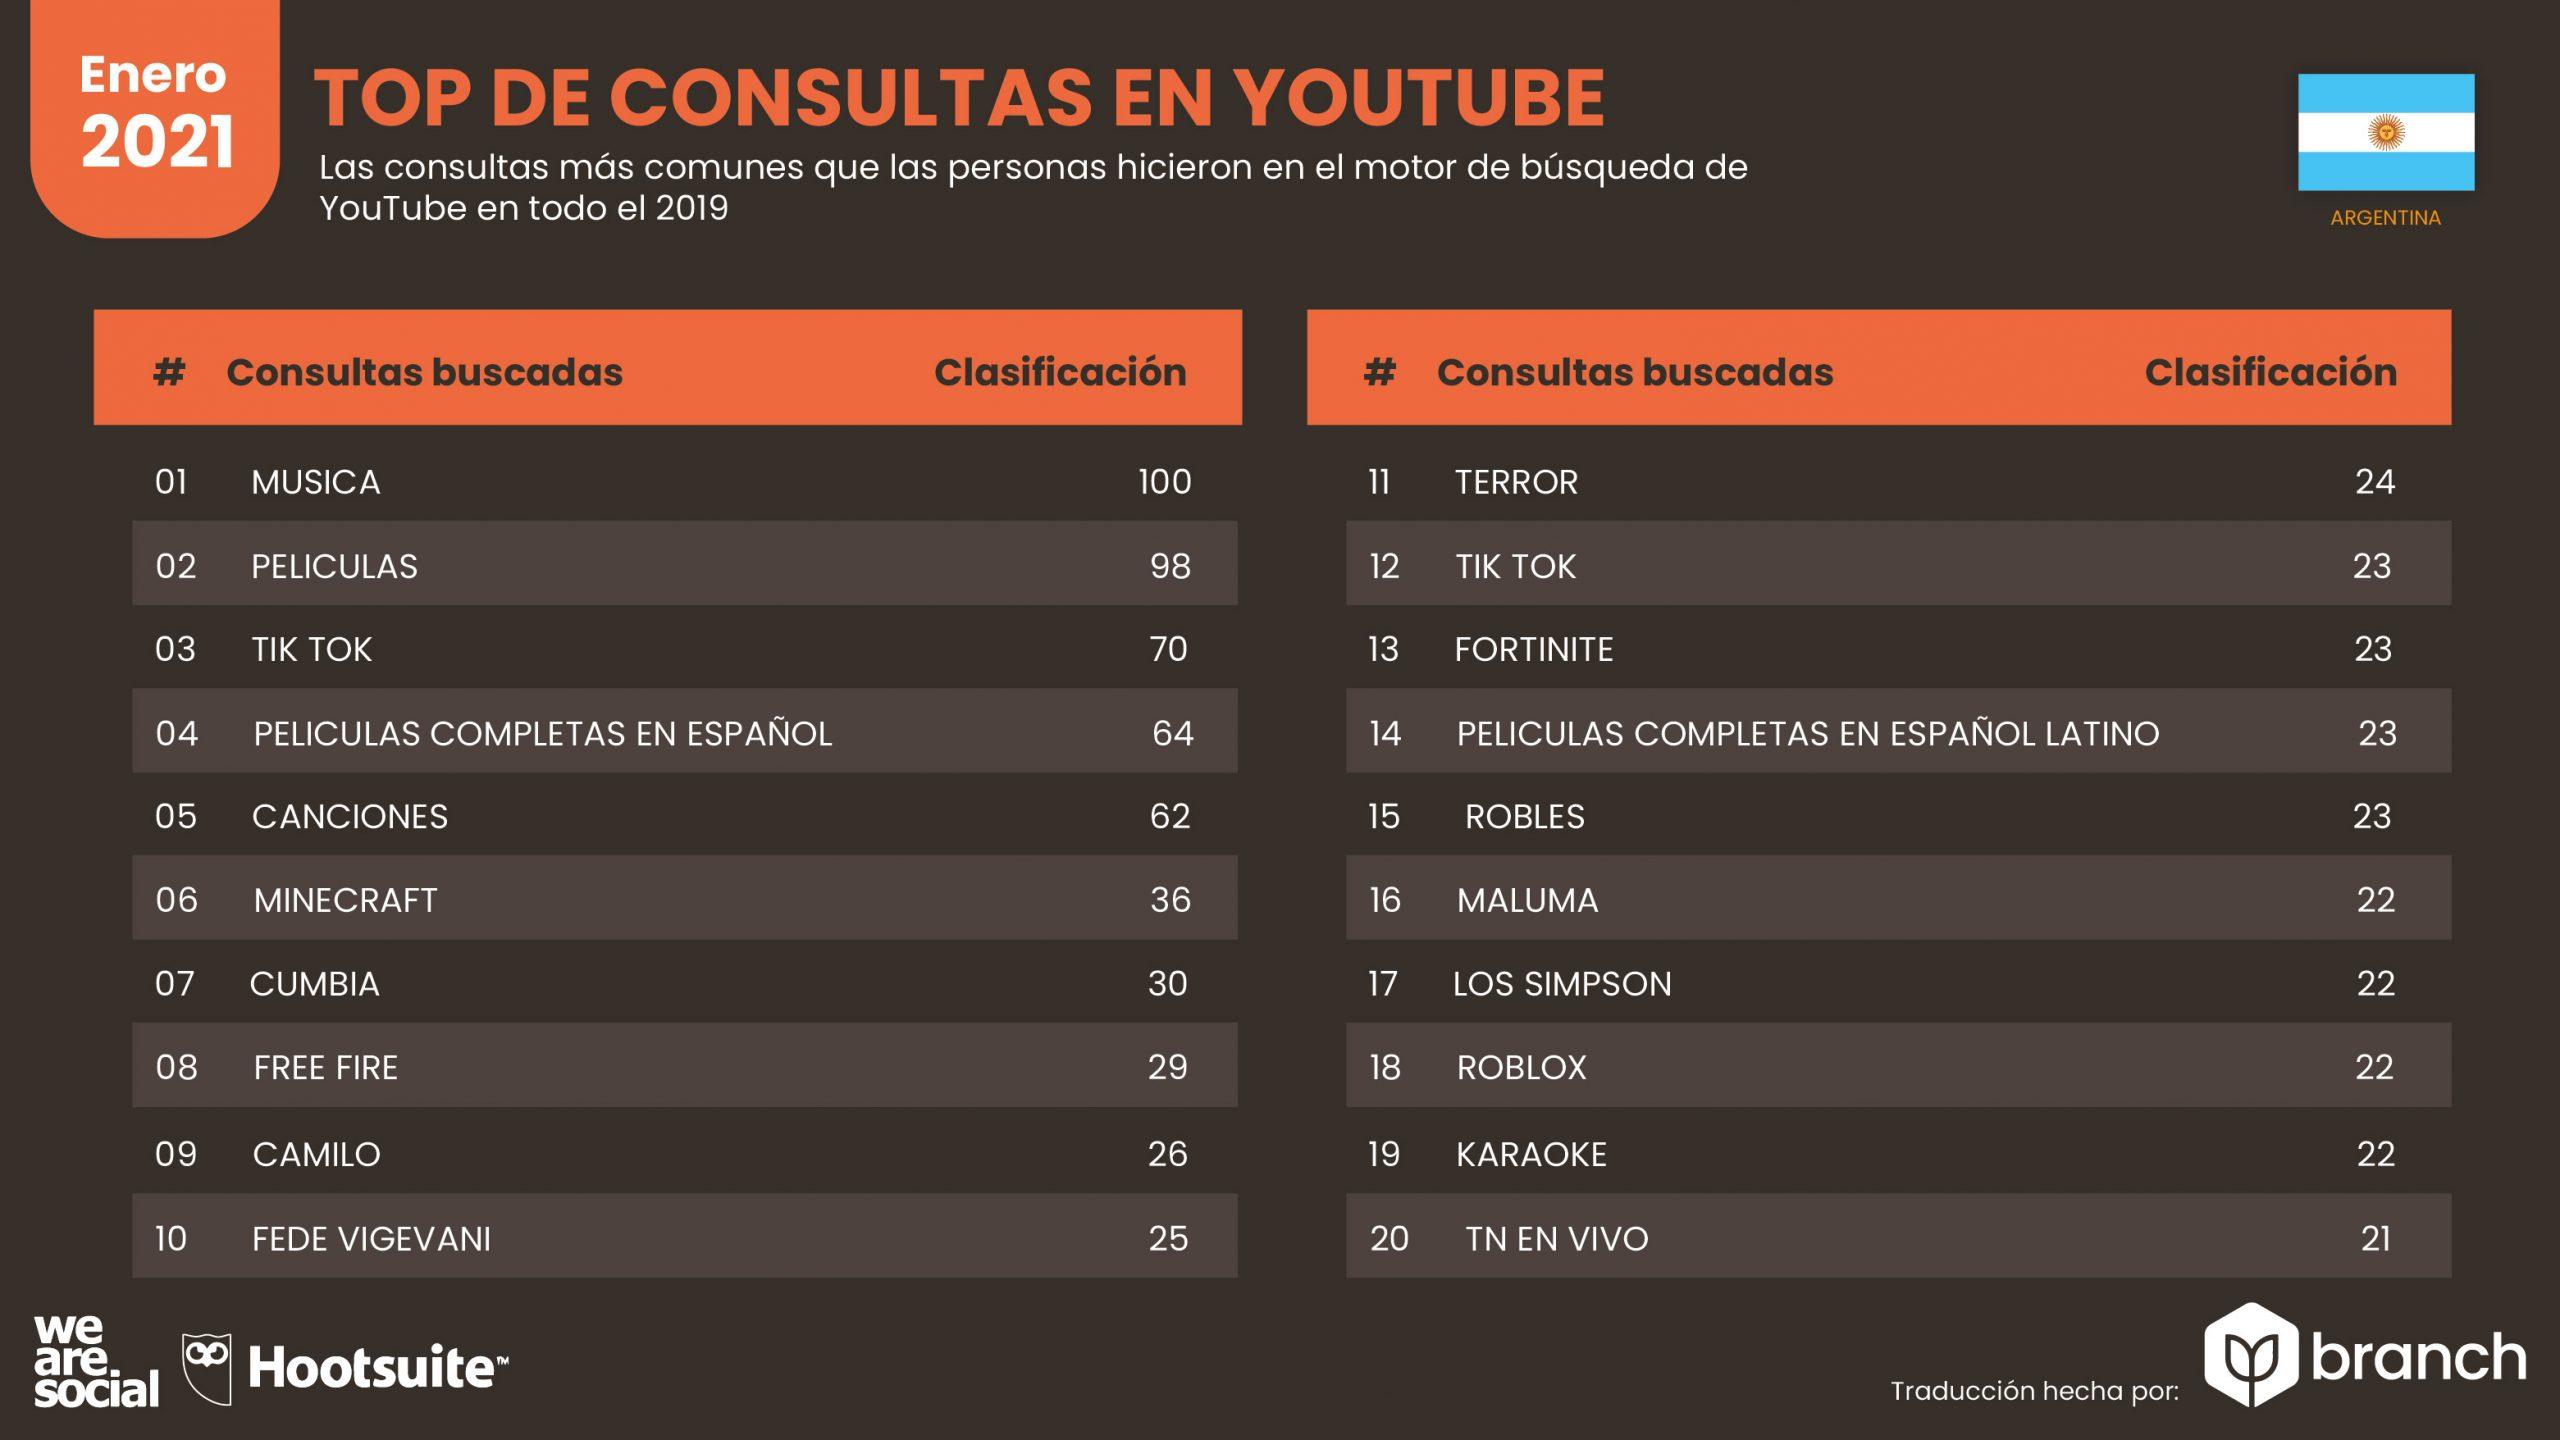 grafico-top-de-consultas-en-youtube-argentina-2020-2021